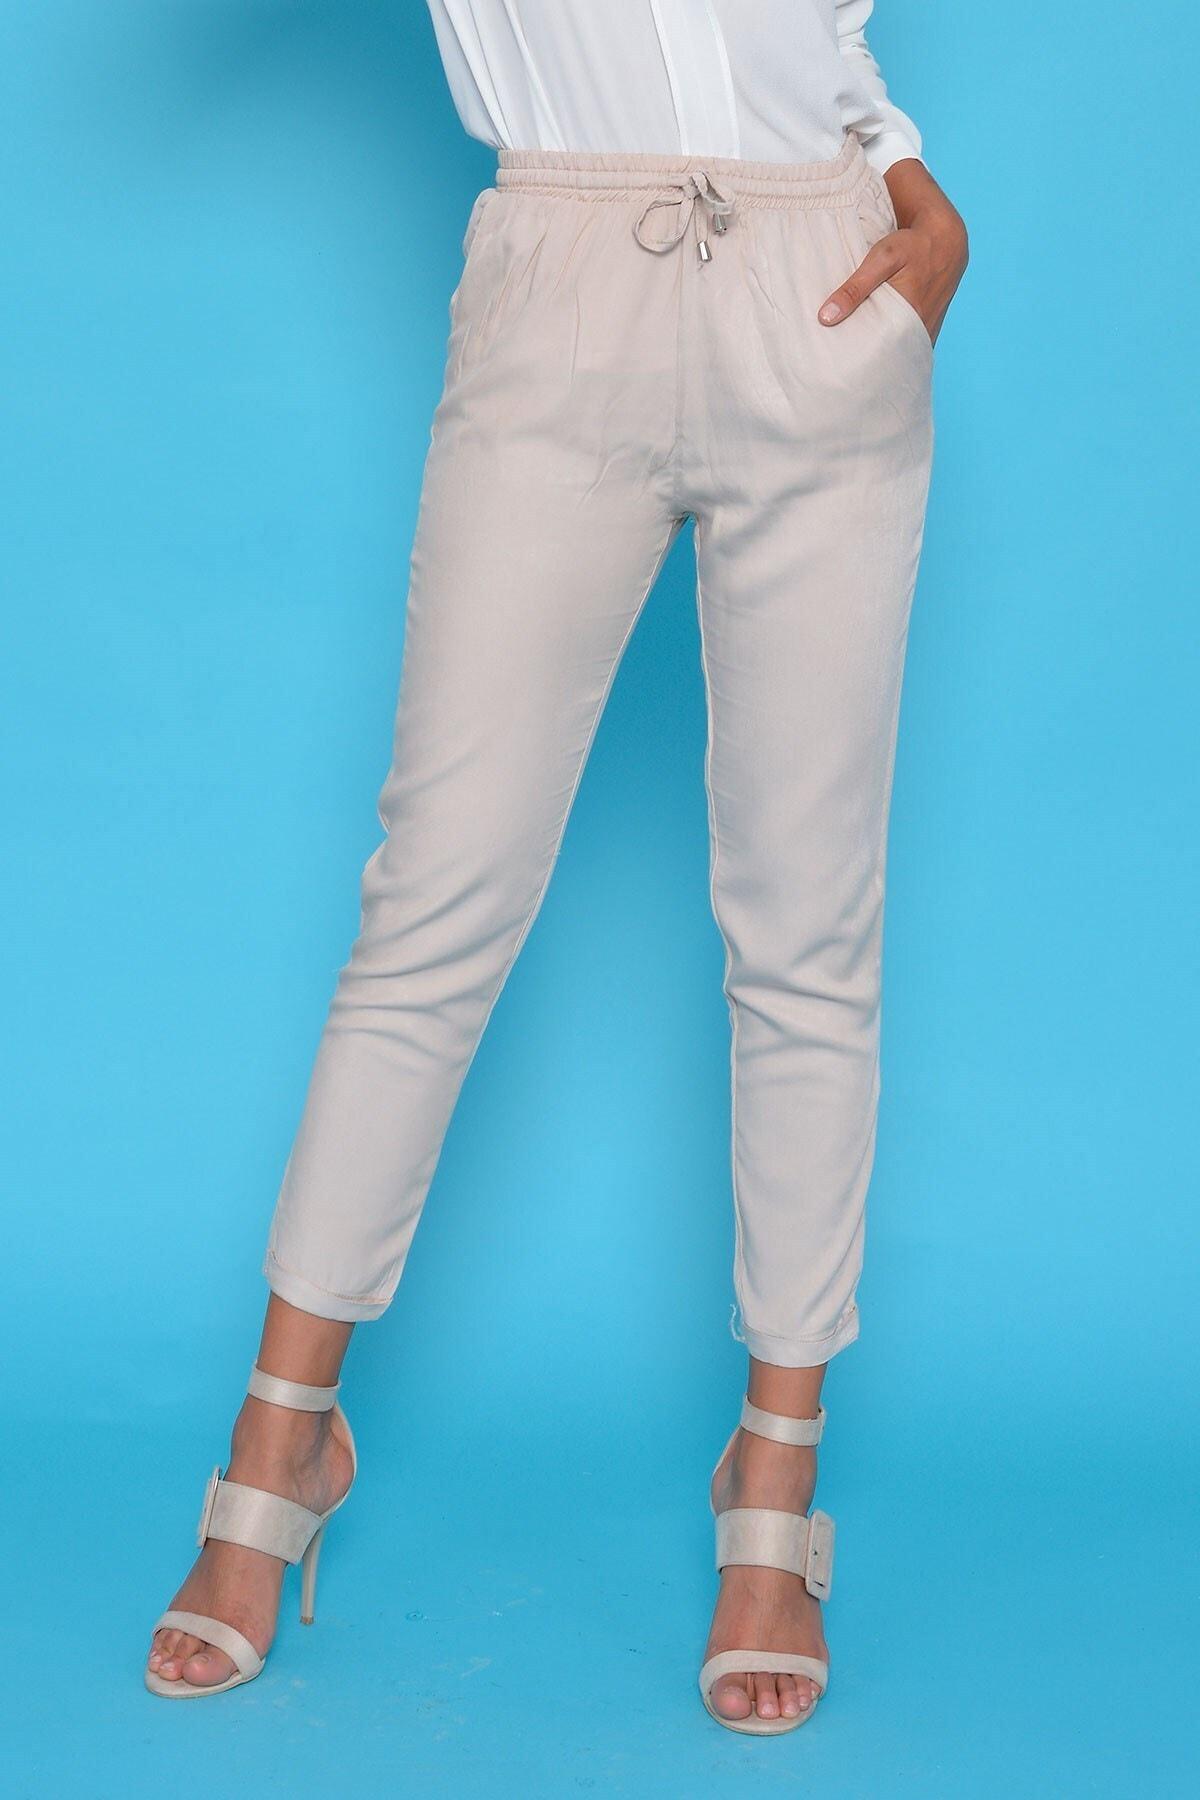 Mossta Kadın Bej Bel Lastikli Pantolon 1